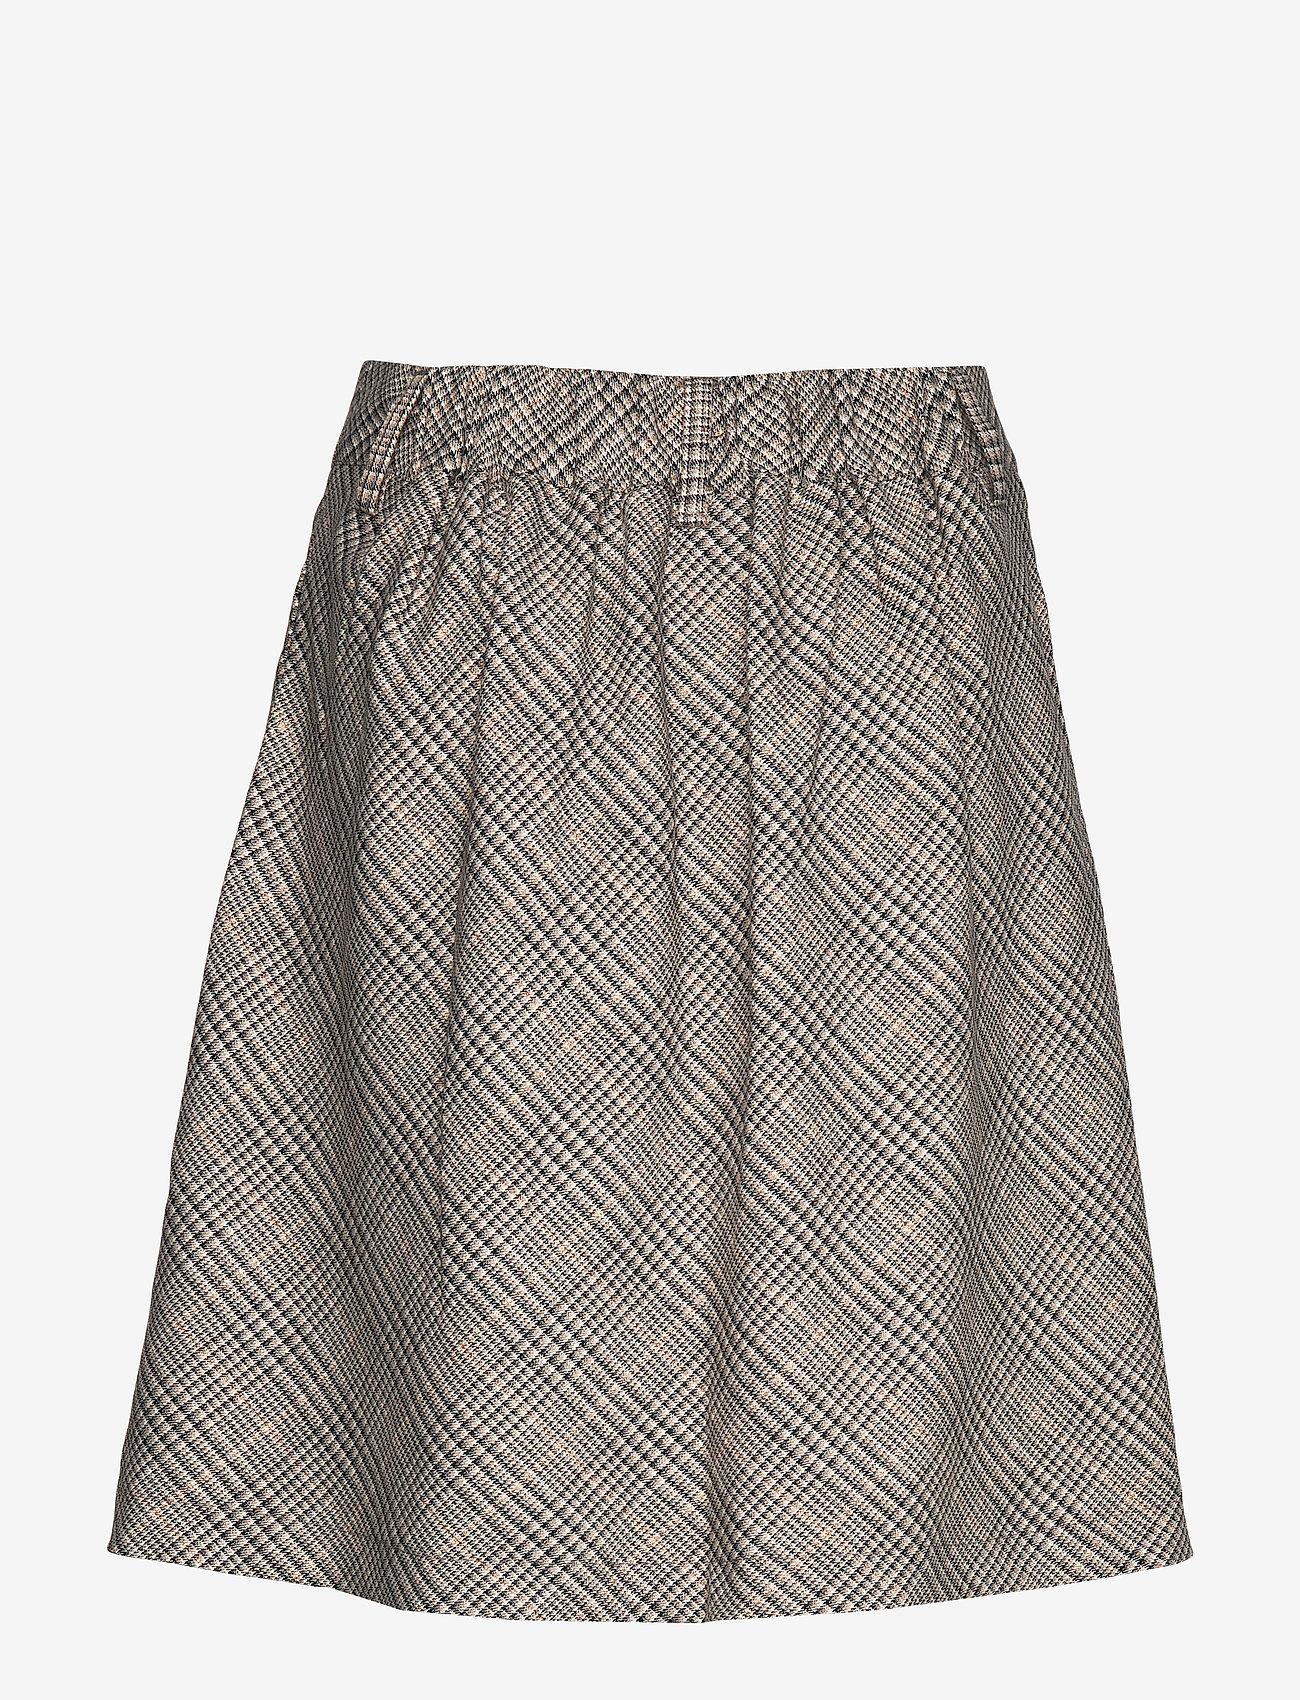 Nuanya Skirt (Tannin) - Nümph Z7sEfn